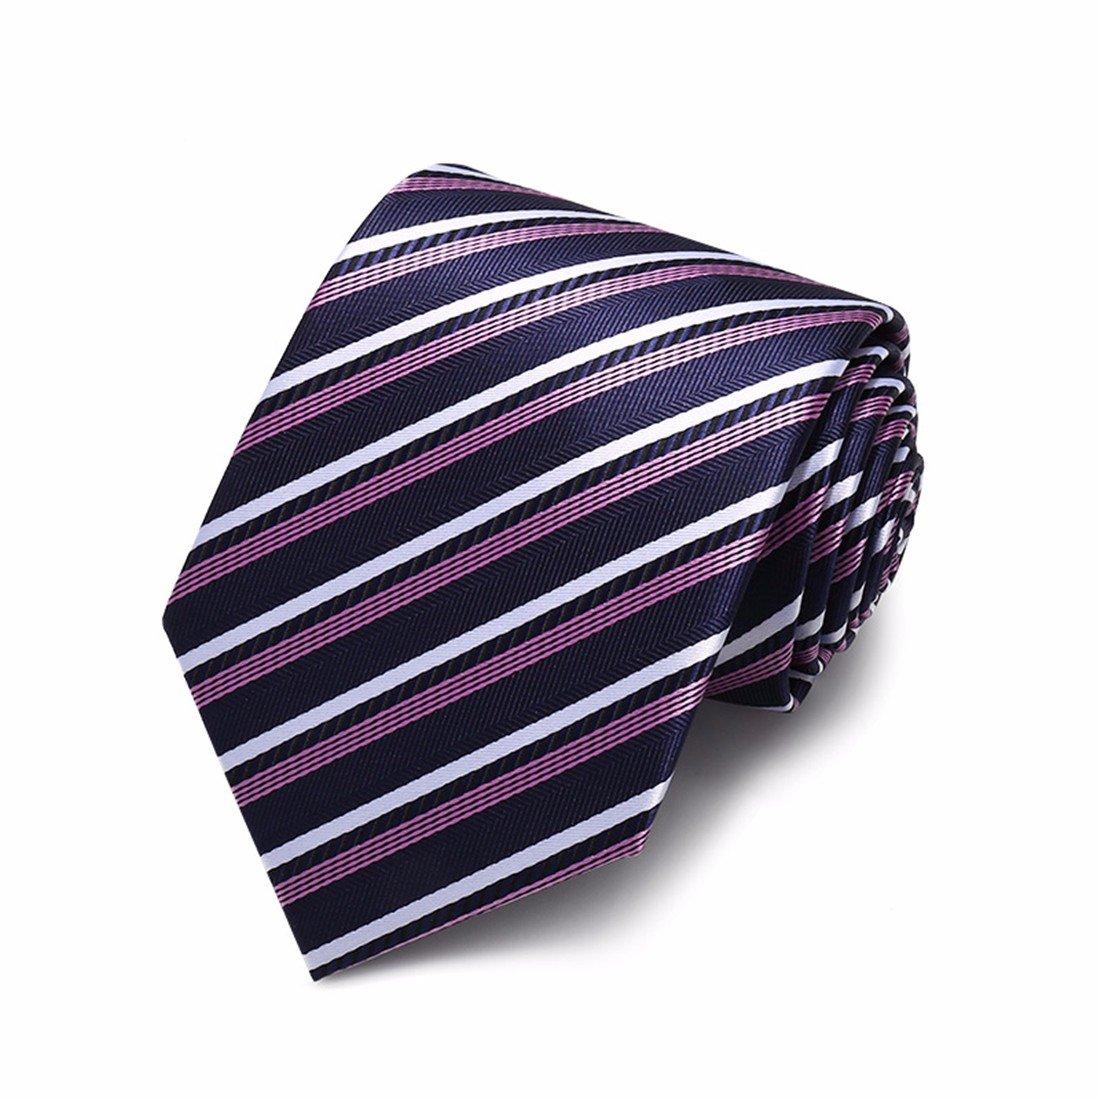 HXCMAN 101/% silk Avalokitesvara Bodhisattva trend cool fashion classic design men tie necktie all-match party business evening wedding groom in gift box